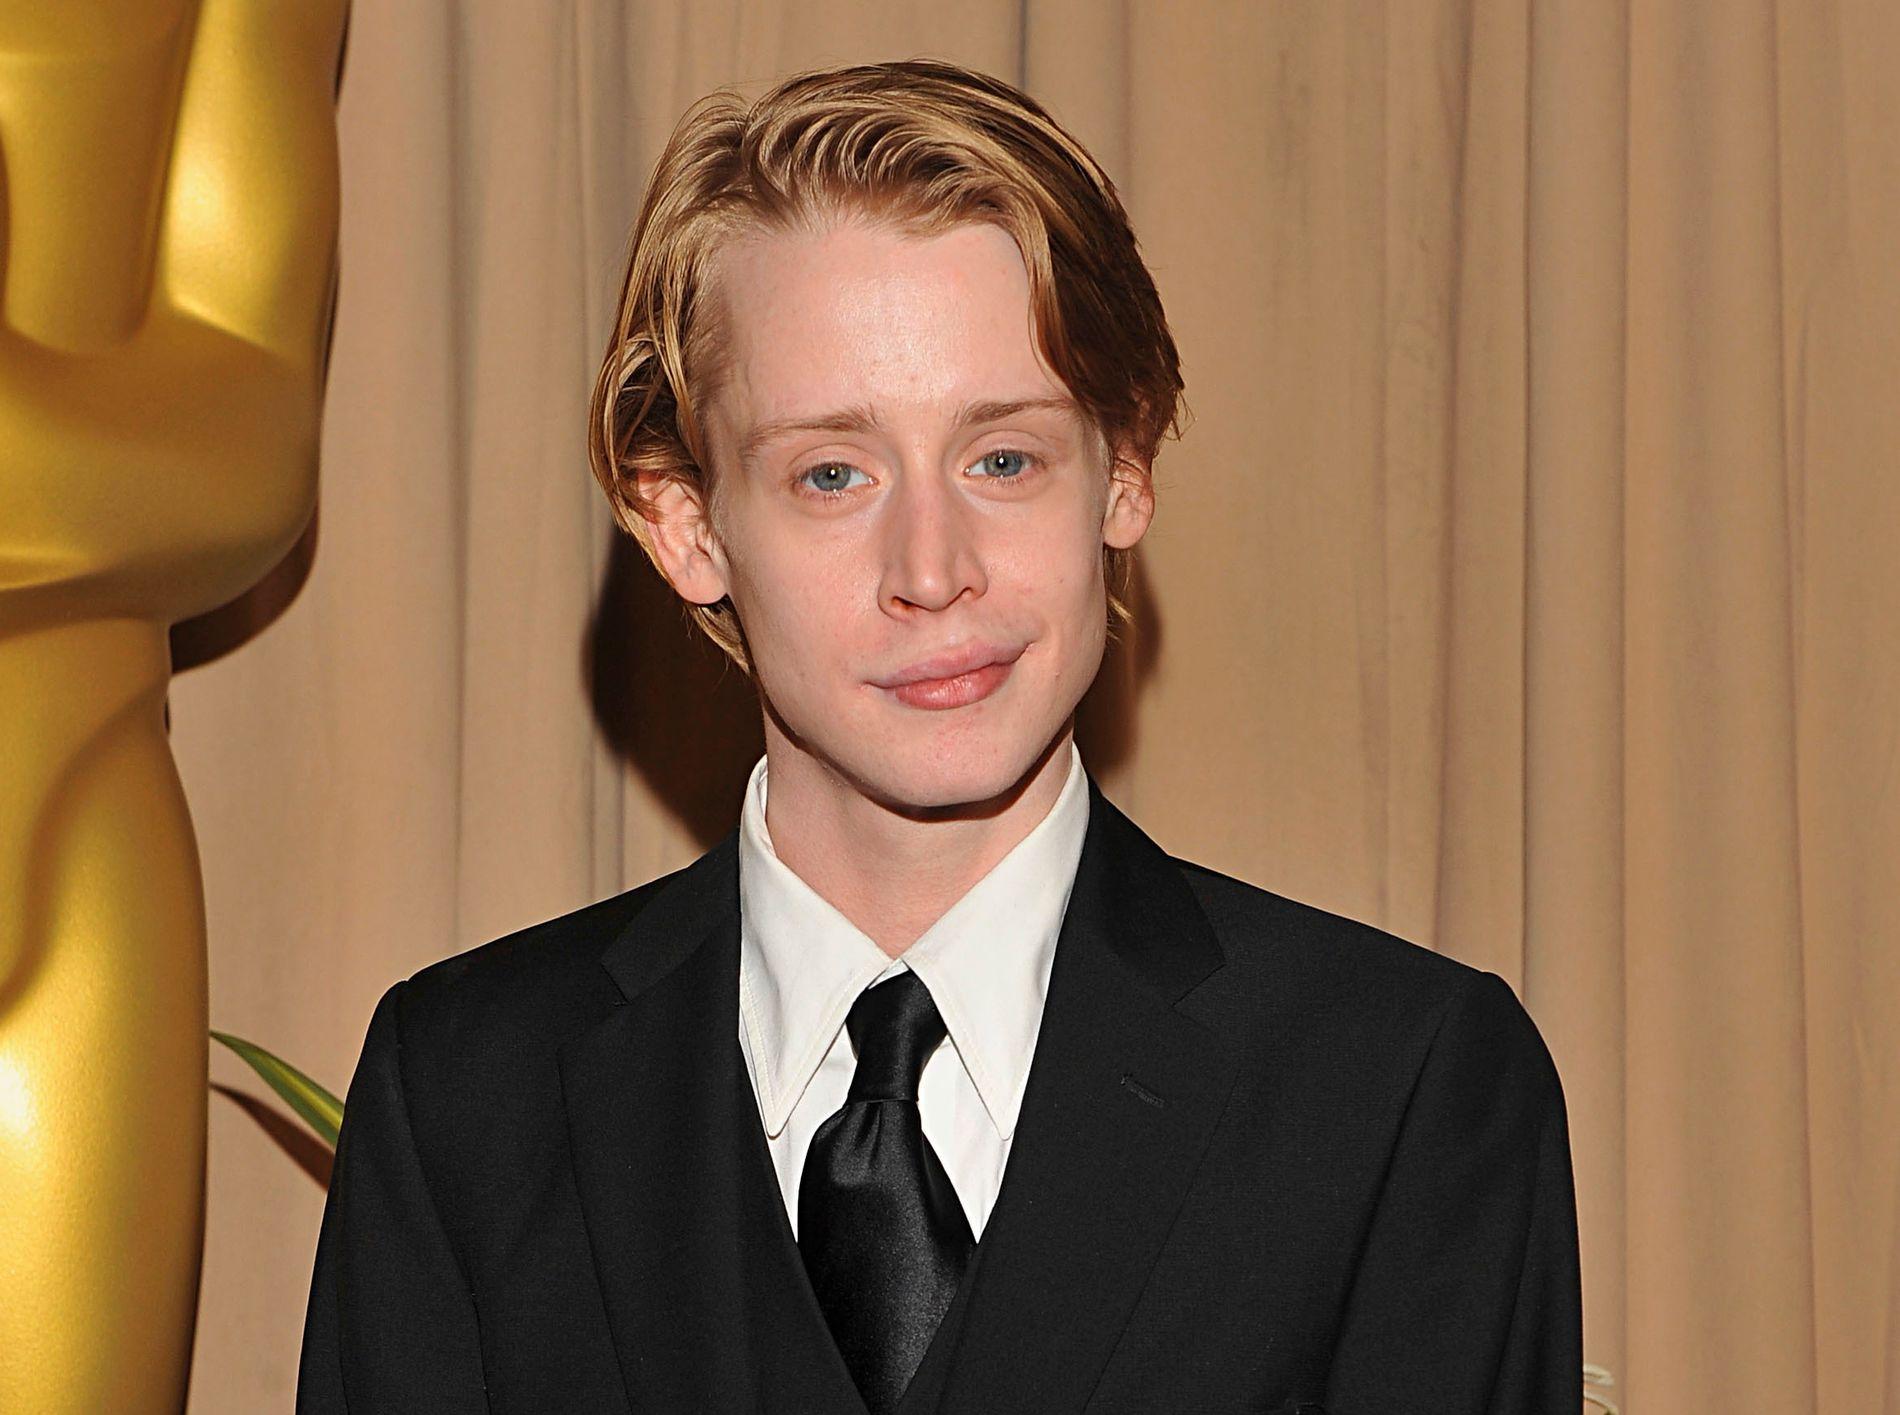 2010: Macaulay Culkin er regnet som den største barnestjernen på 90-tallet, men trakk seg senere tilbake fra rampelyset. Her fra Oscar-utdelingen i 2010.